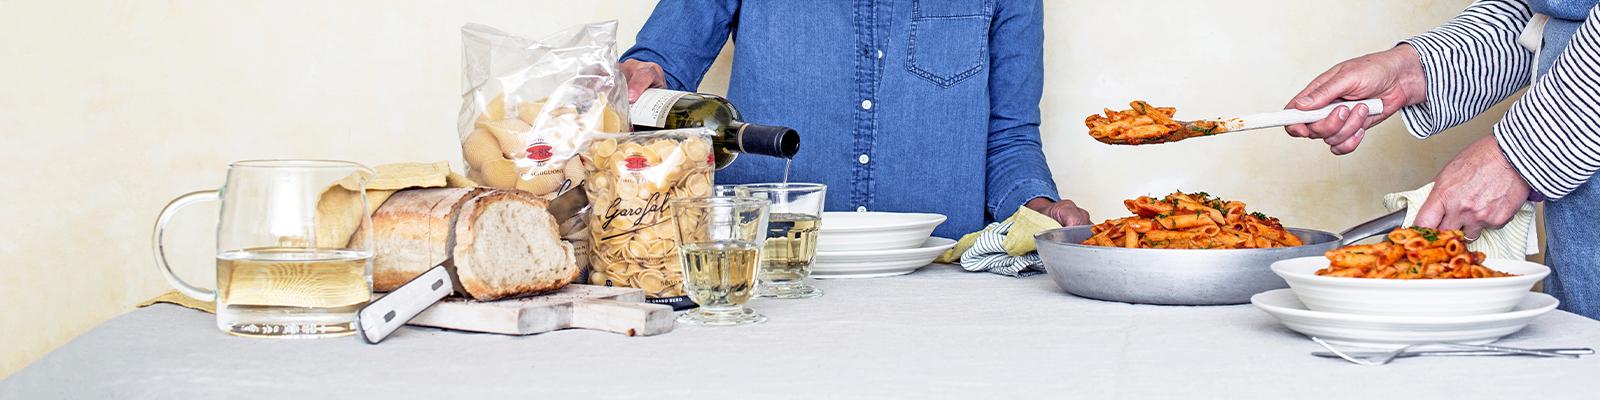 Pasta Garofalo - La Bontà Svelata